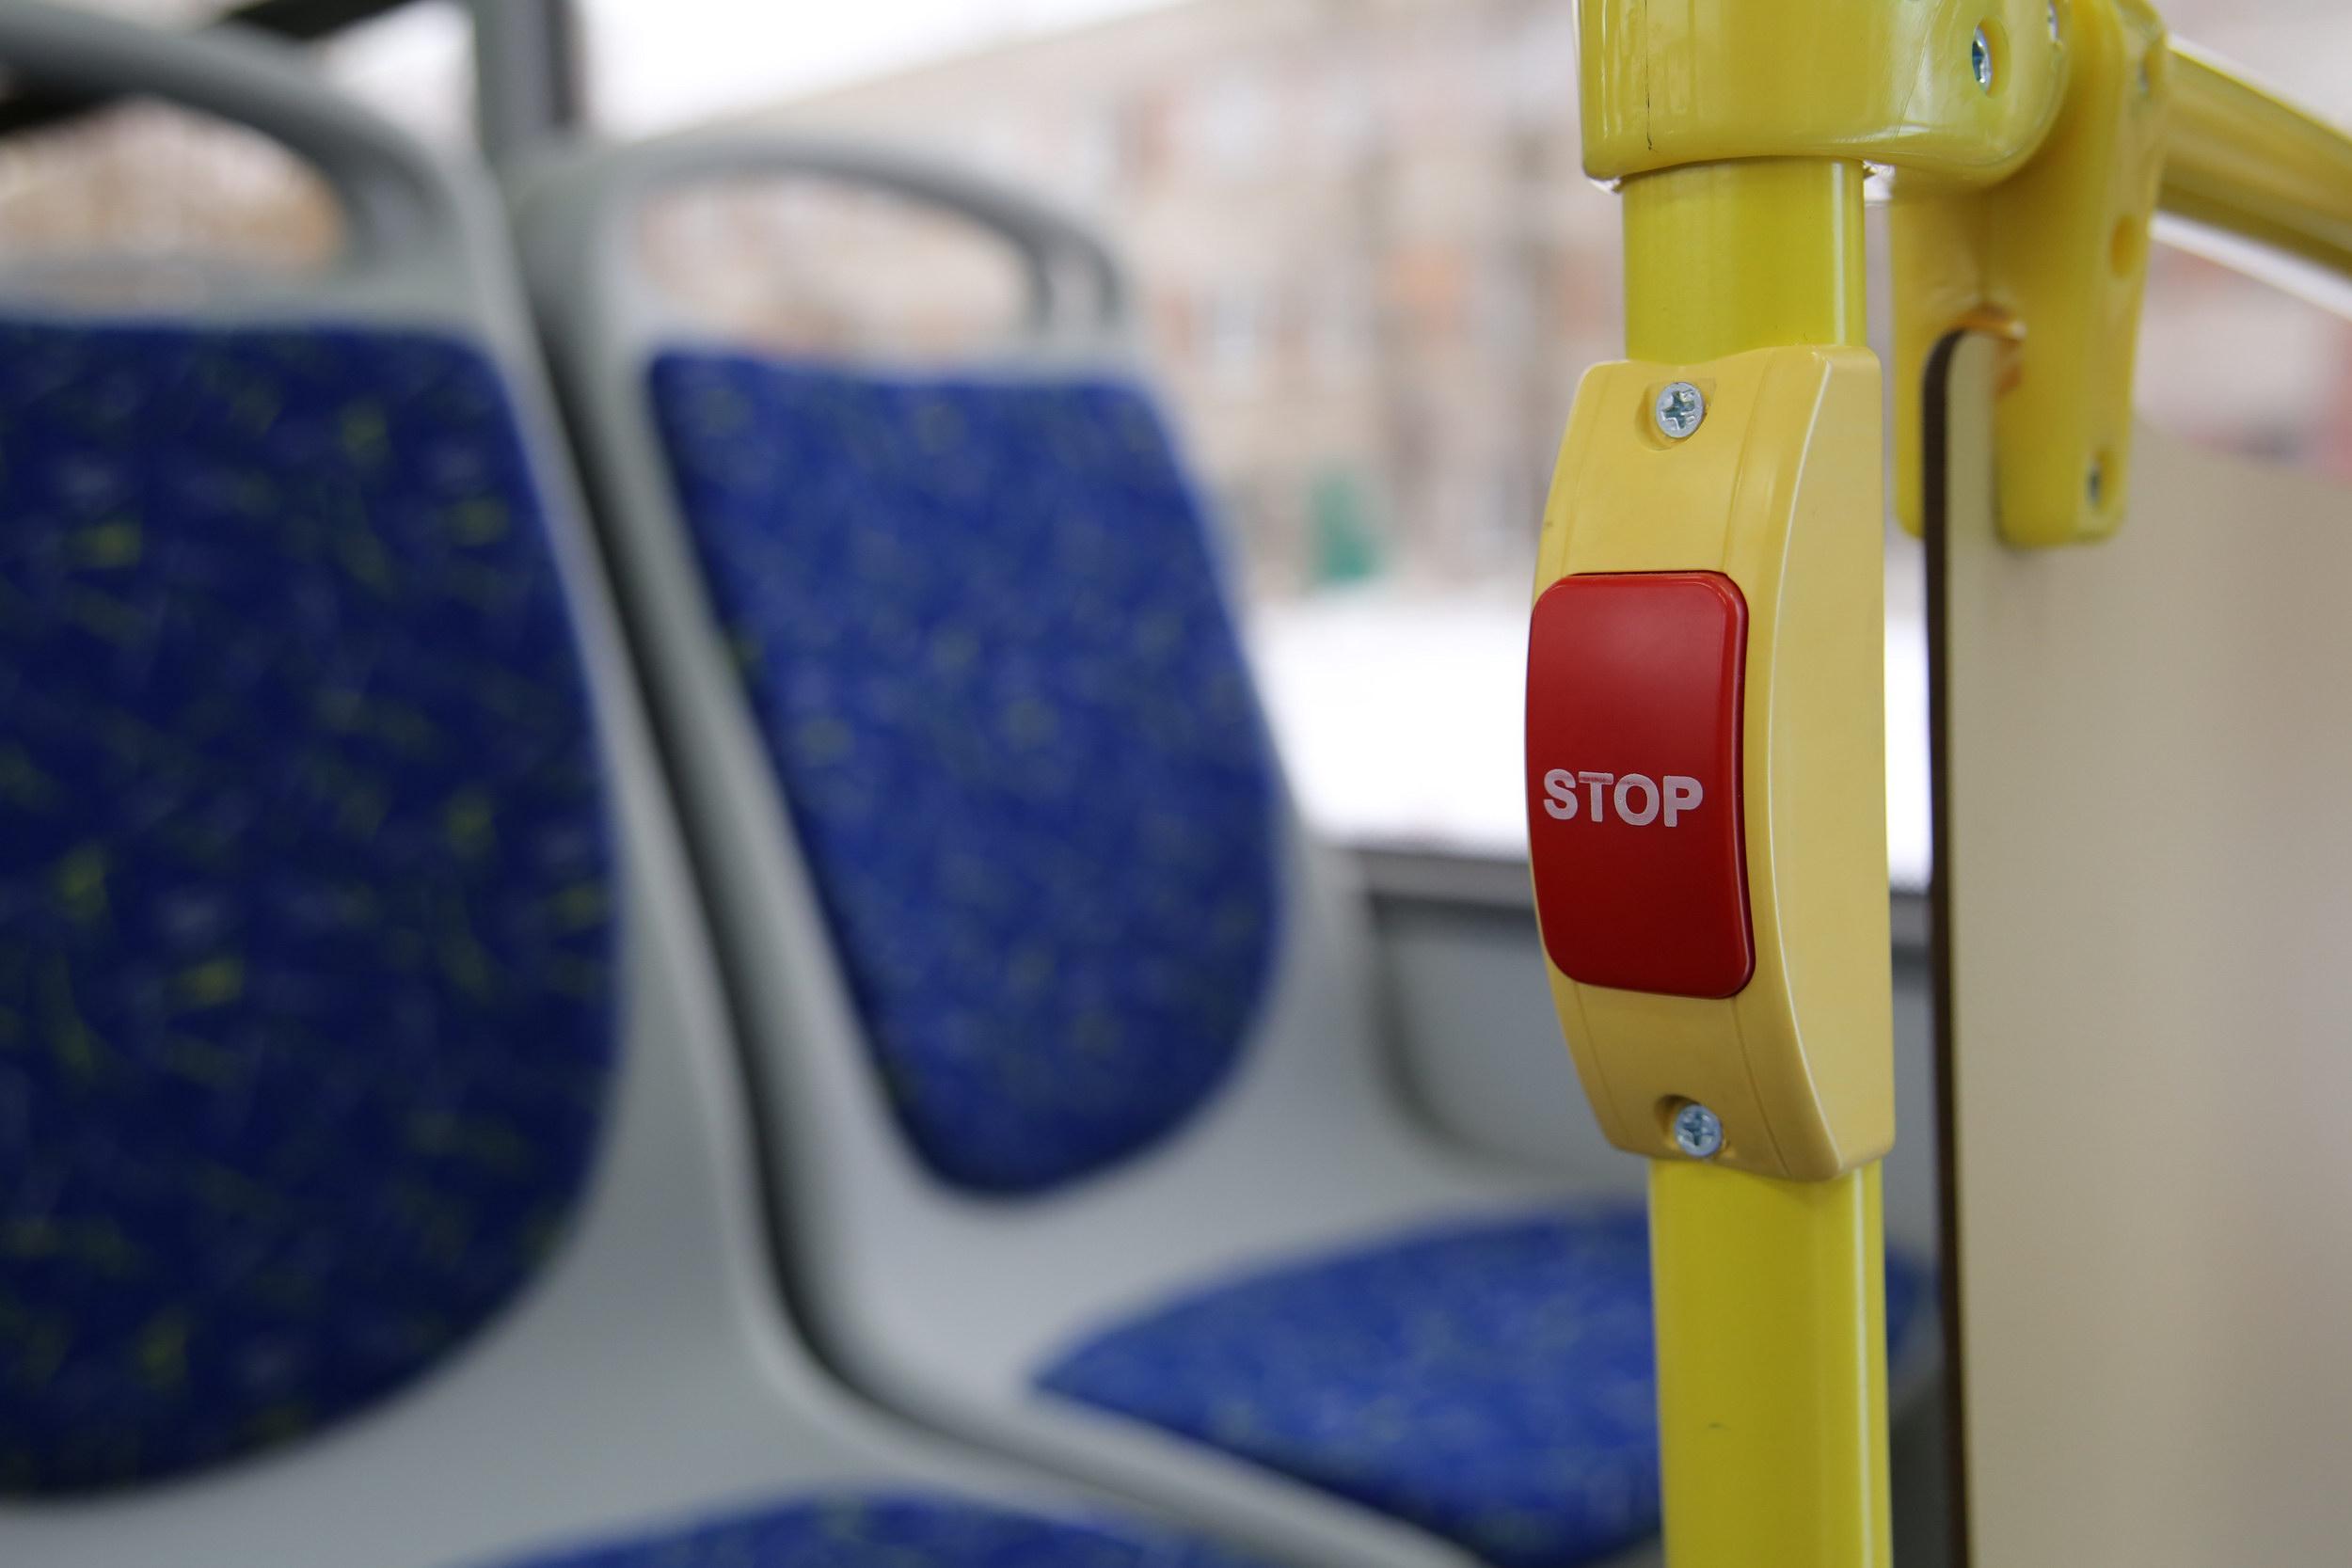 модели автобусов фотография лиза г оренбург